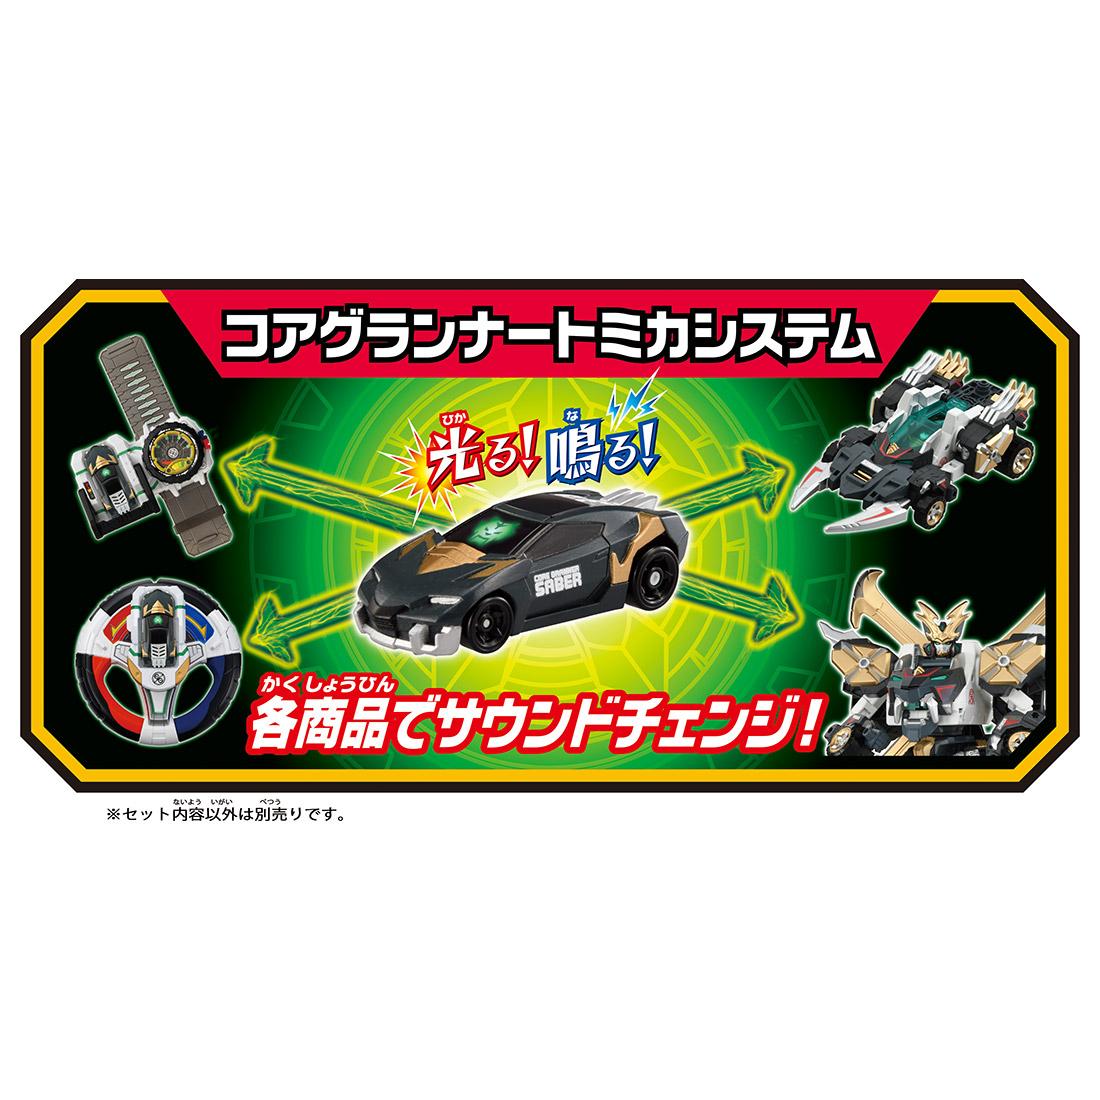 トミカ絆合体 アースグランナー『EG03 アースグランナーサーベルパンサー』可変合体フィギュア-008